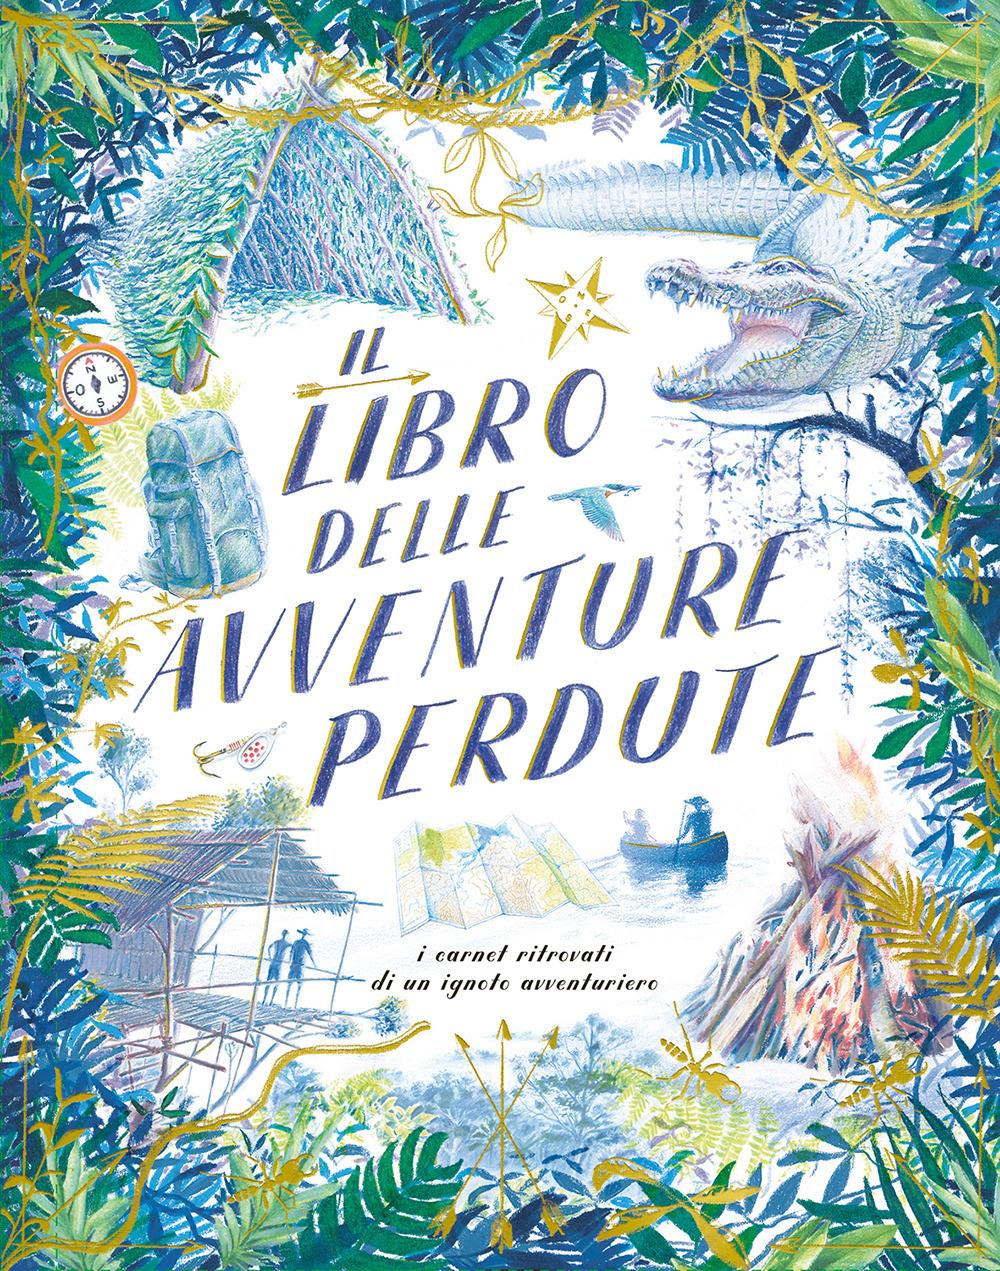 Il libro delle avventure perdute. I carnet ritrovati di un ignoto avventuriero